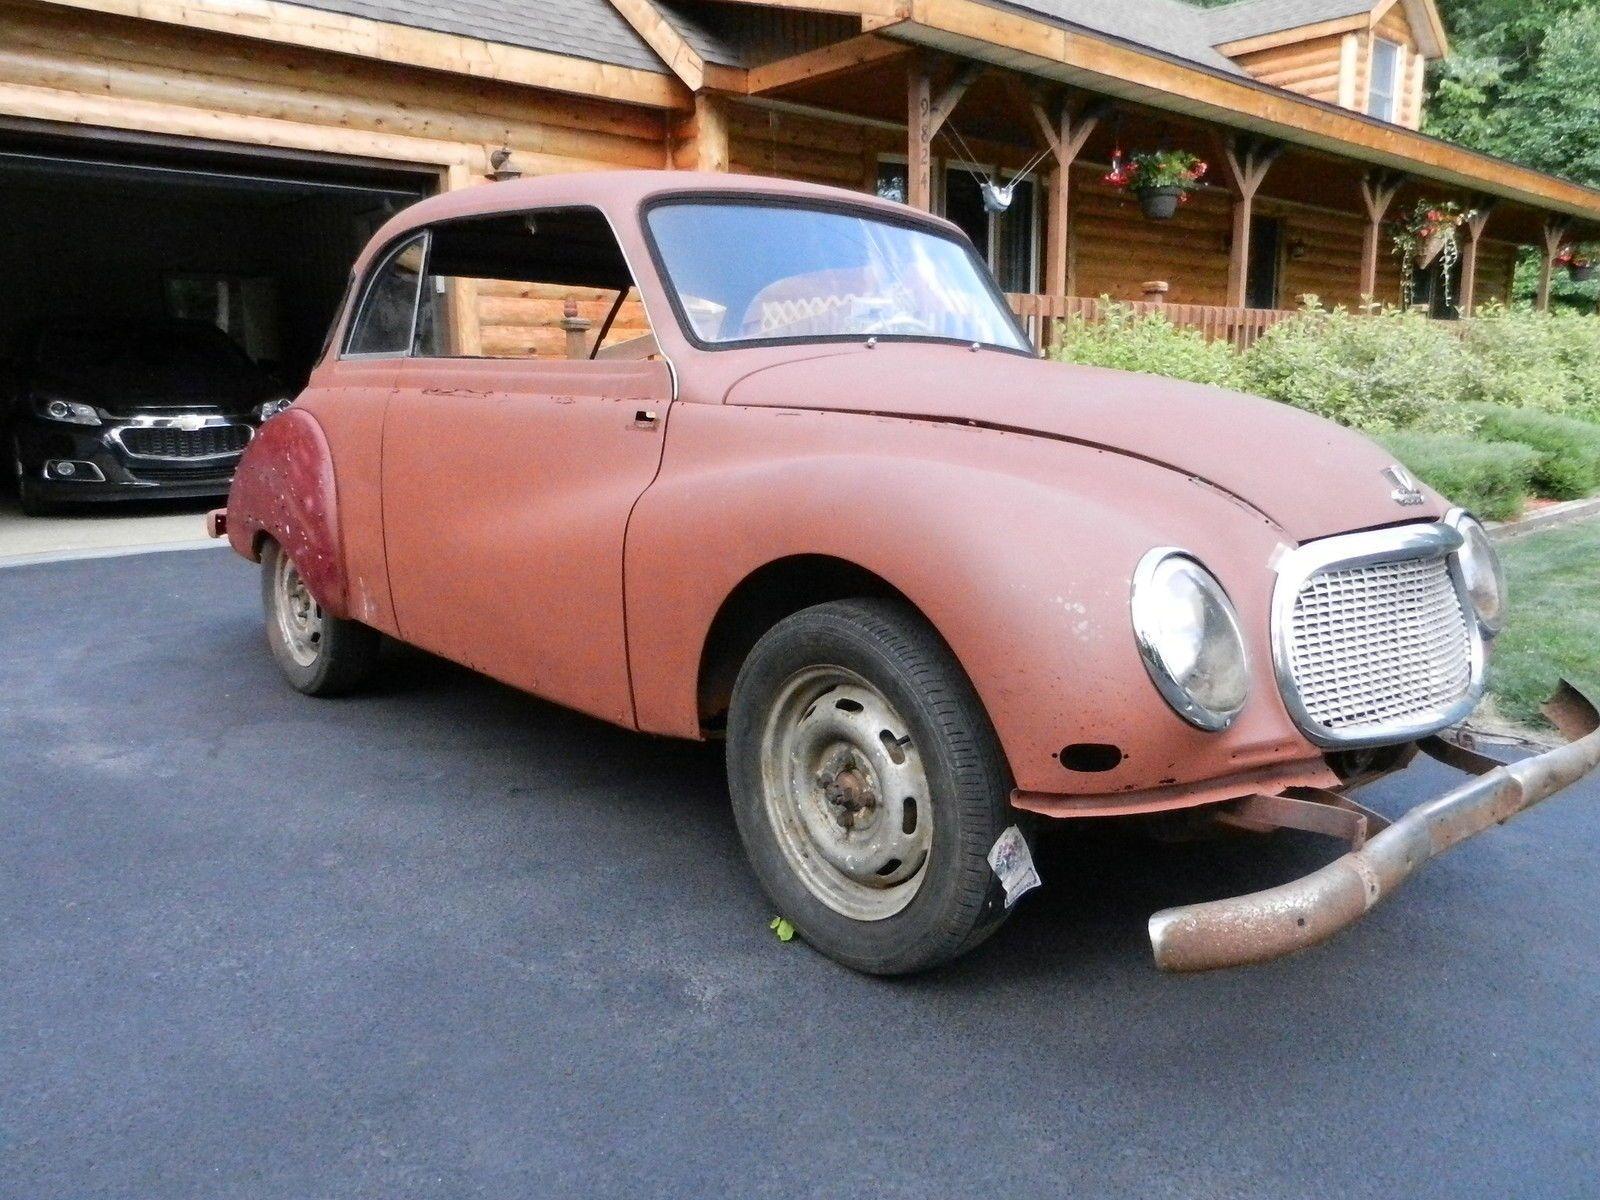 1957 DKW Audii Suicide doors | Project cars for sale | Pinterest ...